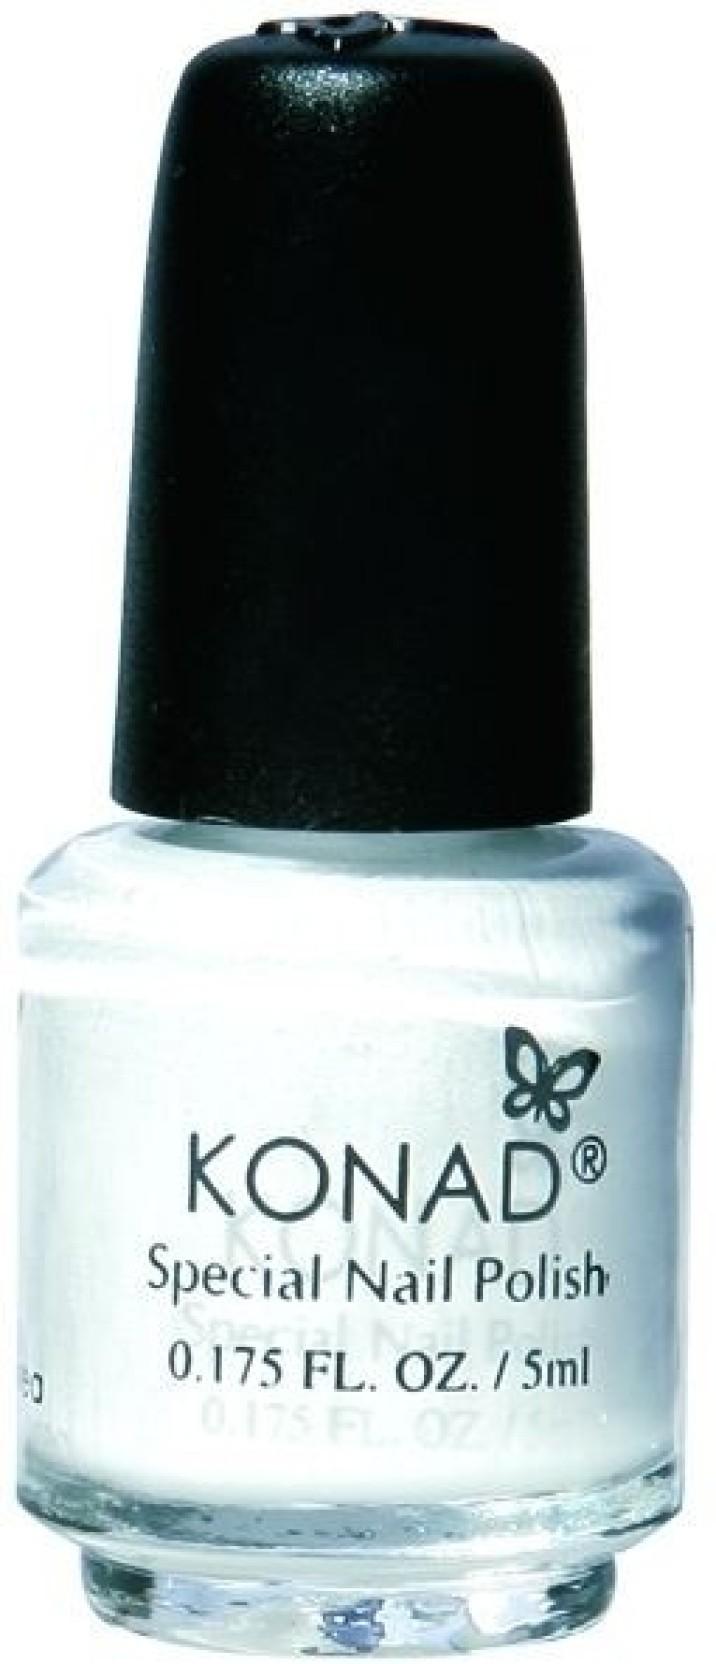 Konad Stamping Nail Art Polish - 5ml White - Price in India, Buy ...